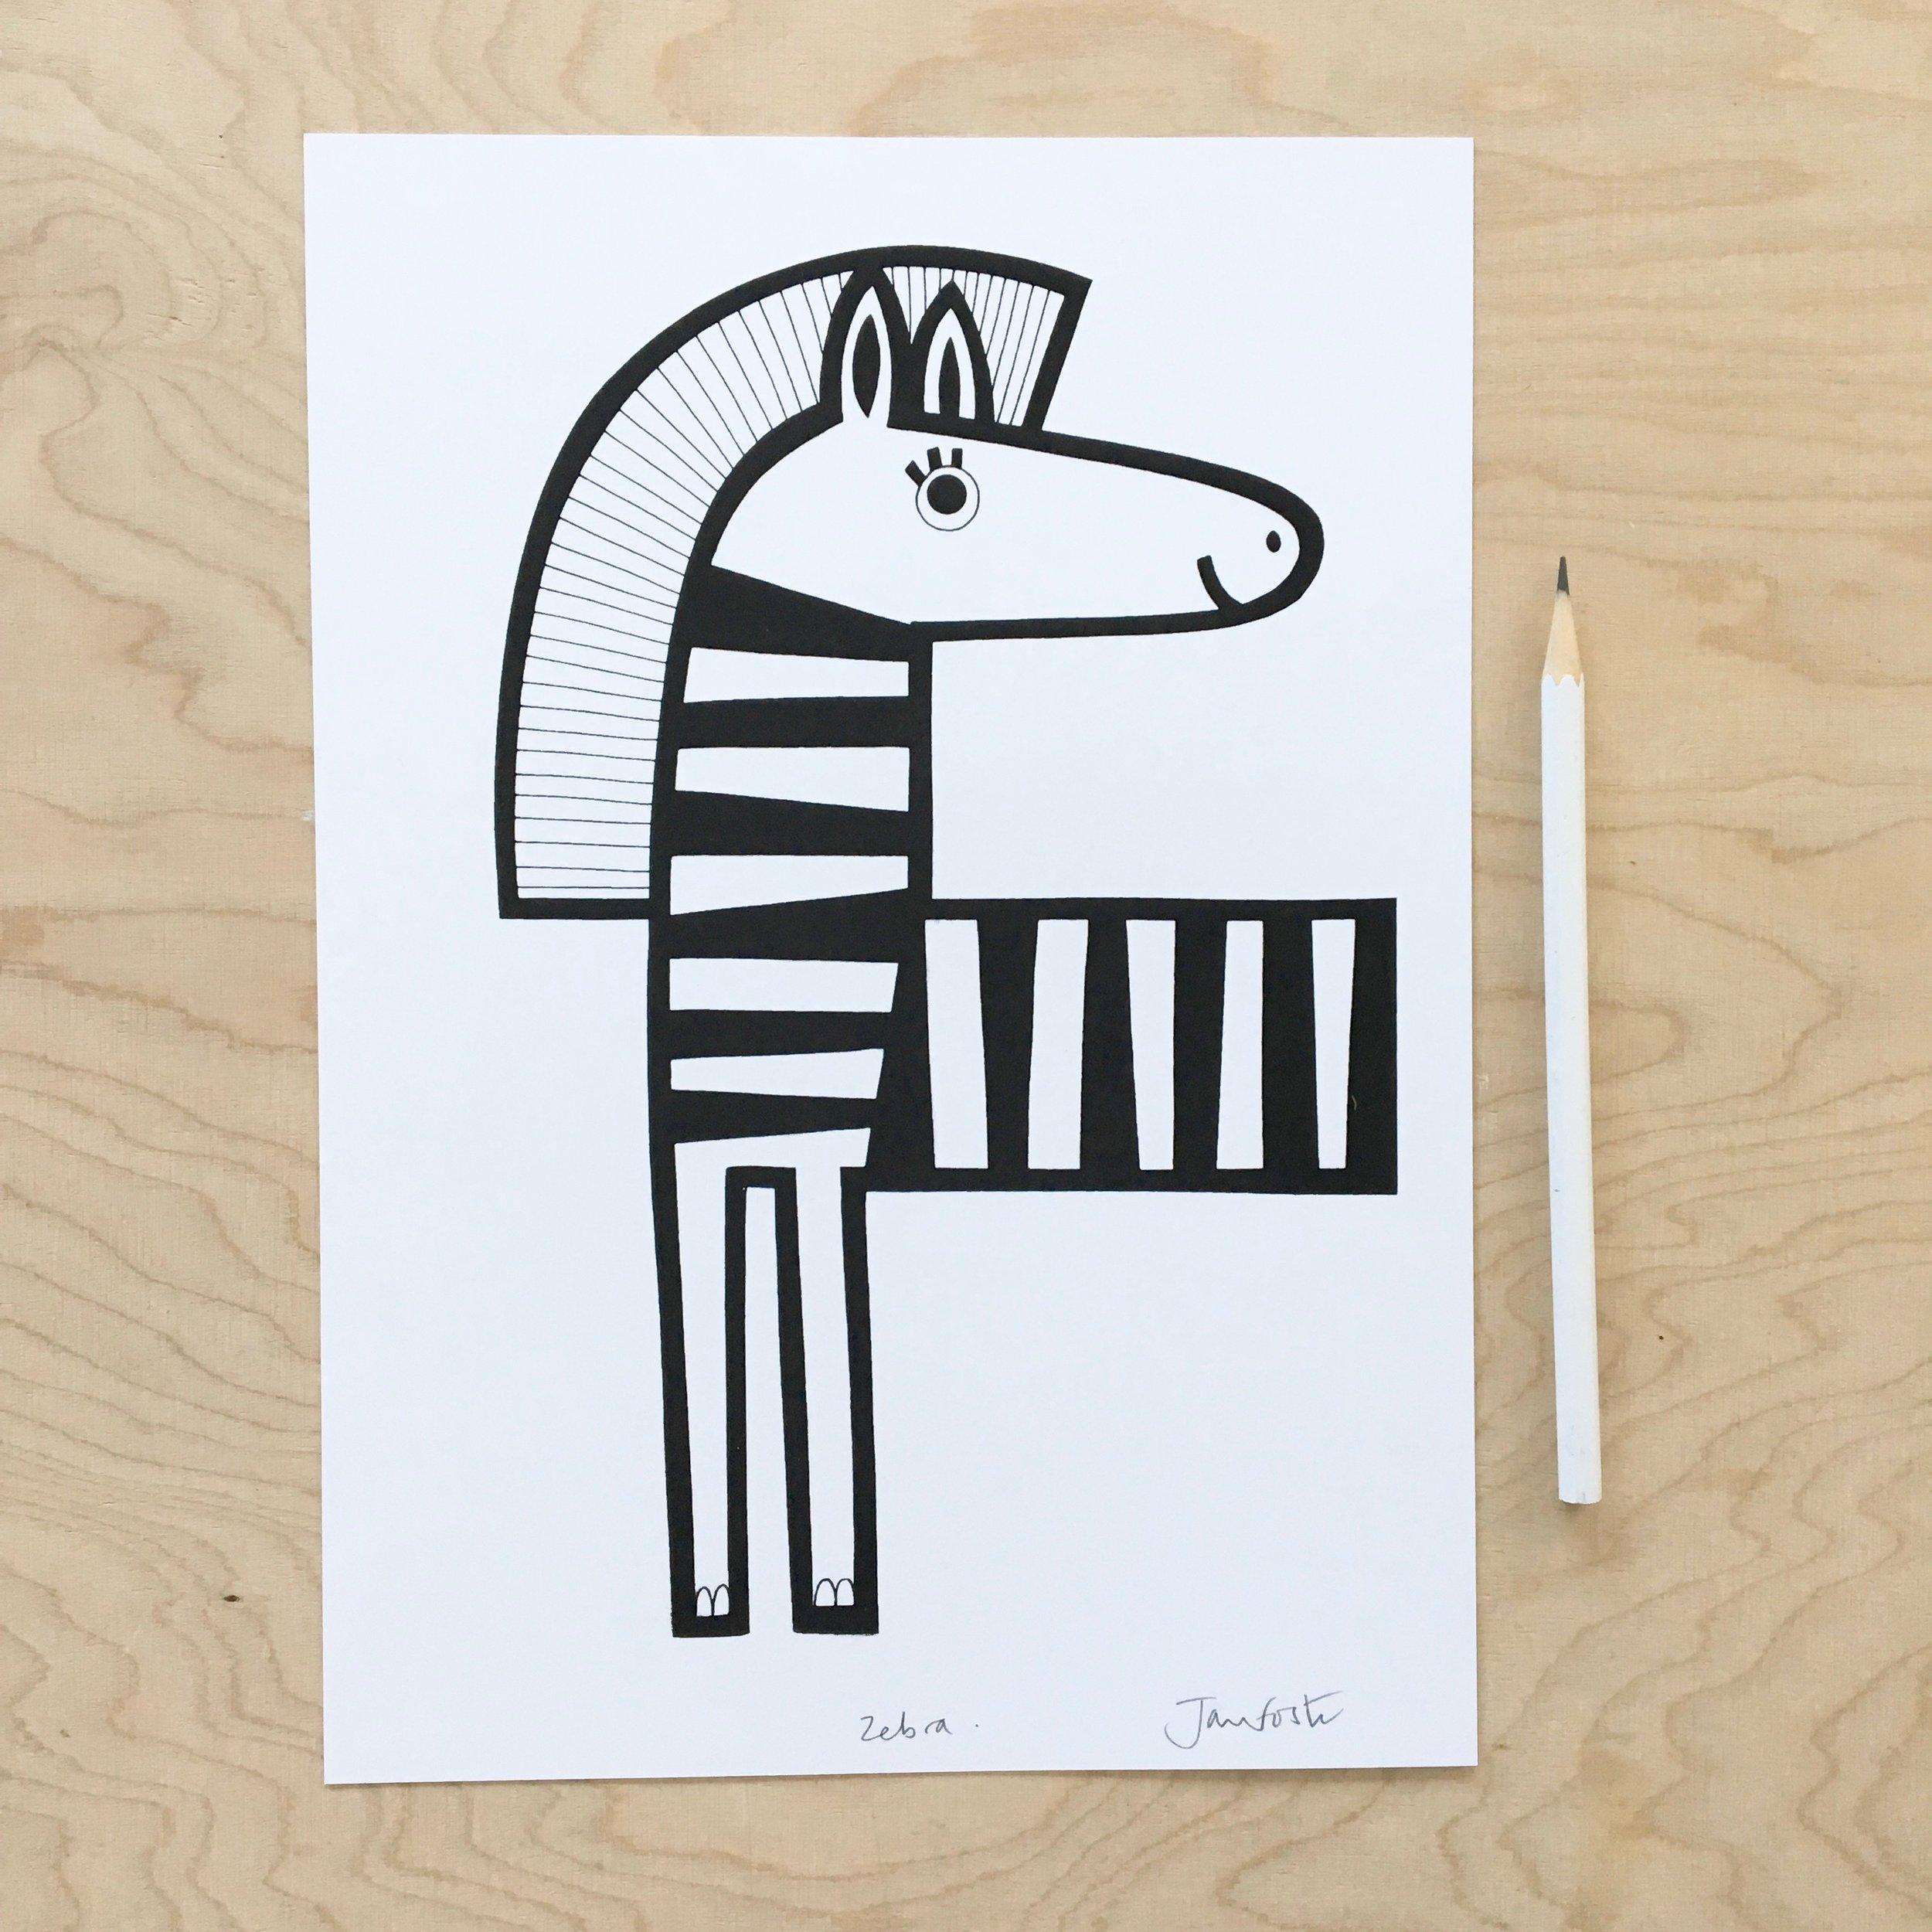 My new zebra screen print